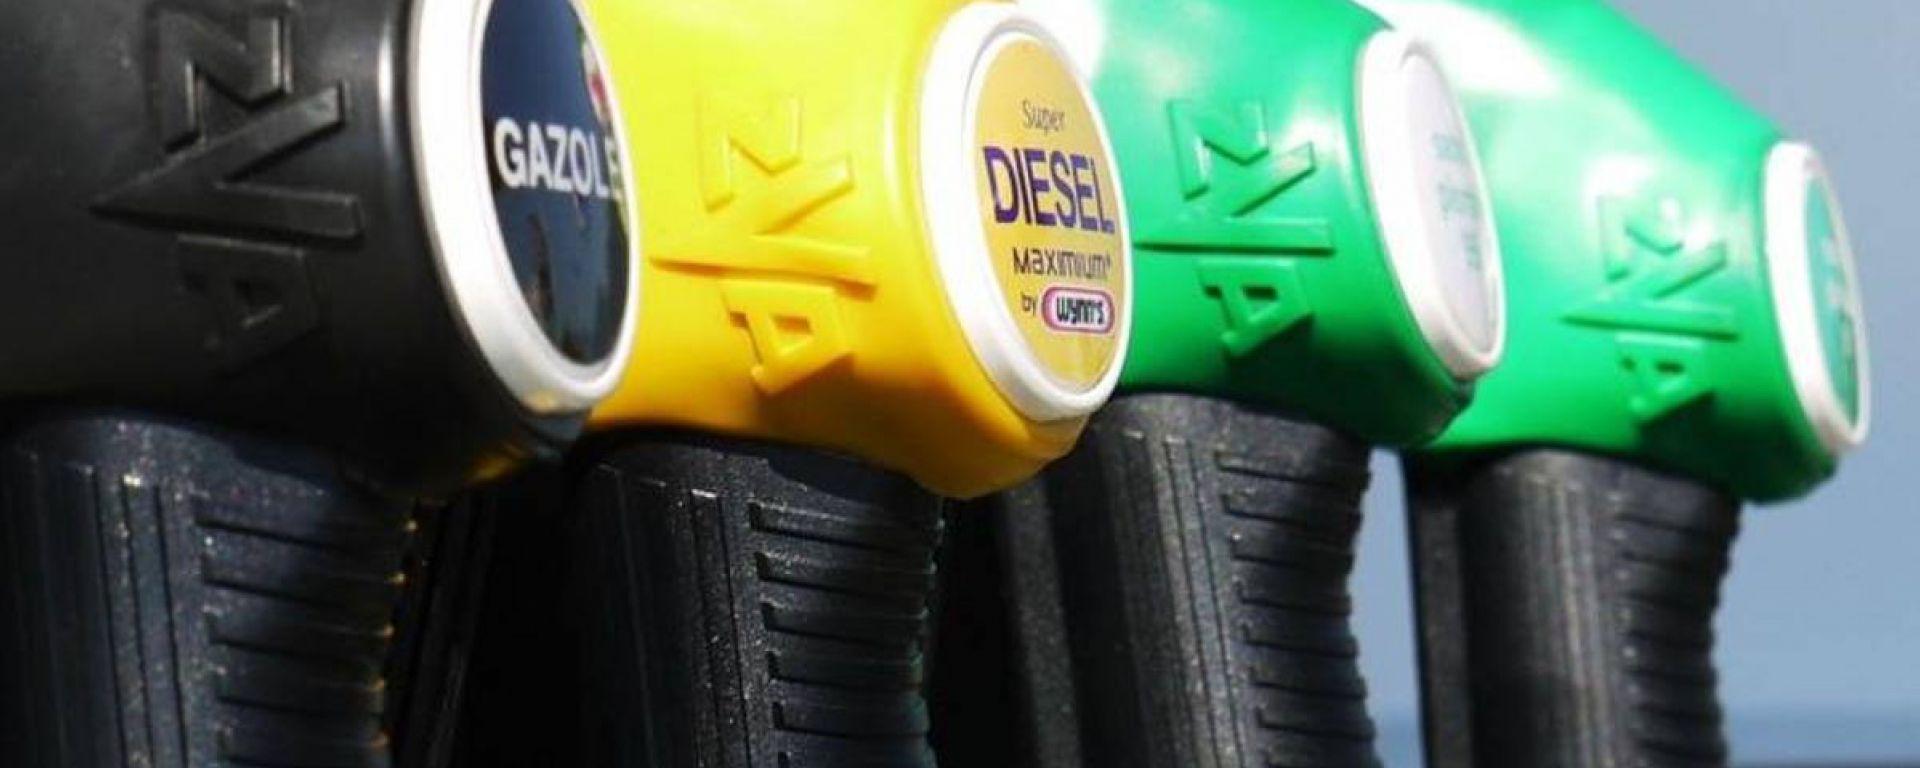 Benzina e diesel, ad agosto 2020 prezzi ancora sostenibili